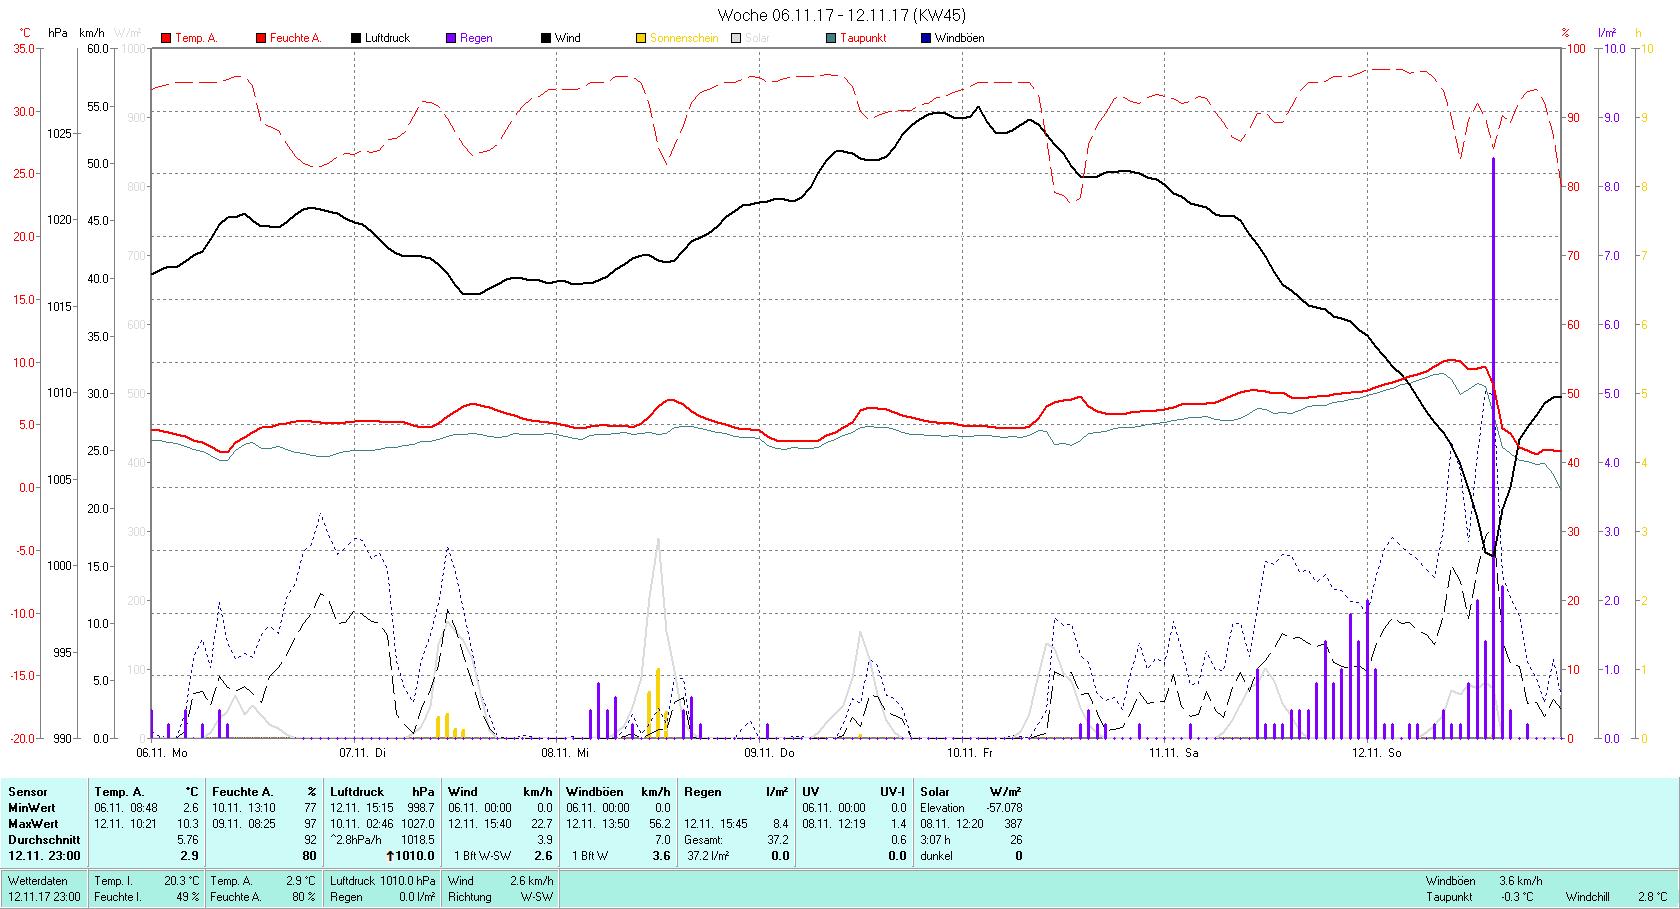 KW 45 Tmin 2.6°C, Tmax 10.3°C, Sonne 3:07 h Niederschlag 37.2 mm2